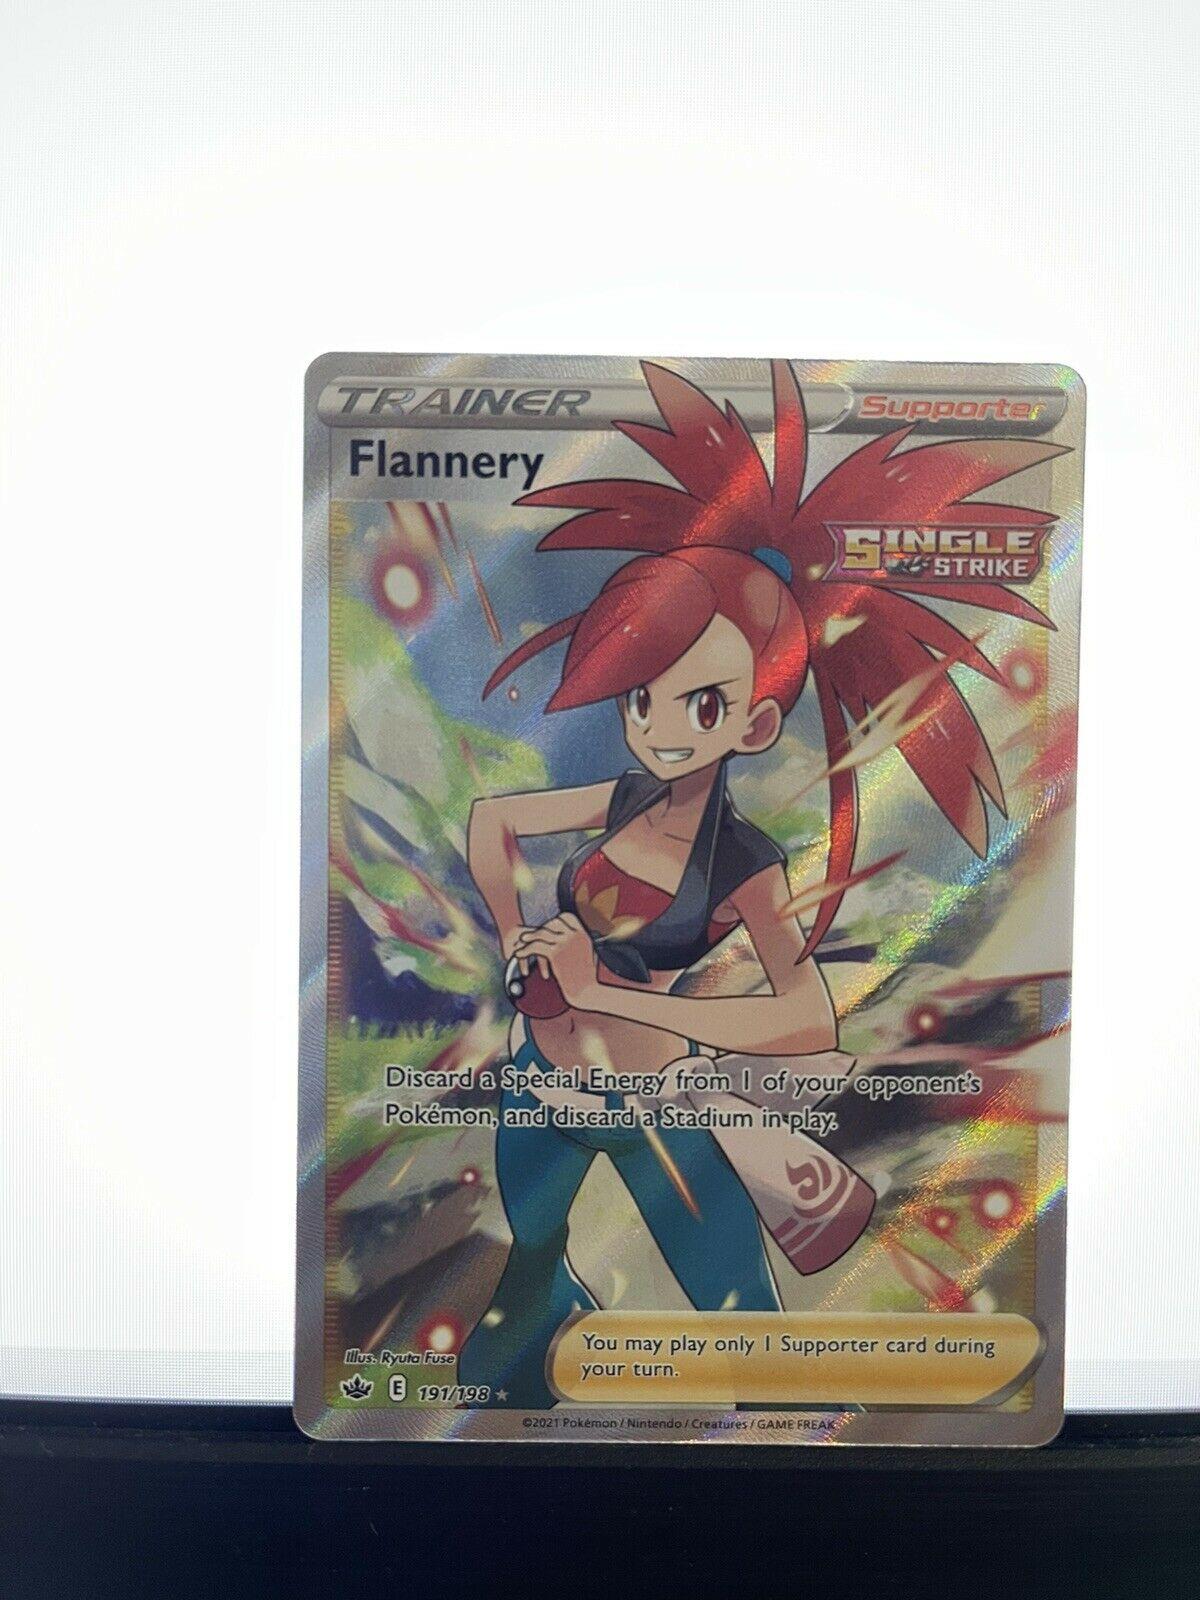 Flannery (Full Art) - 191/198 - Chilling Reign Ultra Rare Pokemon Card